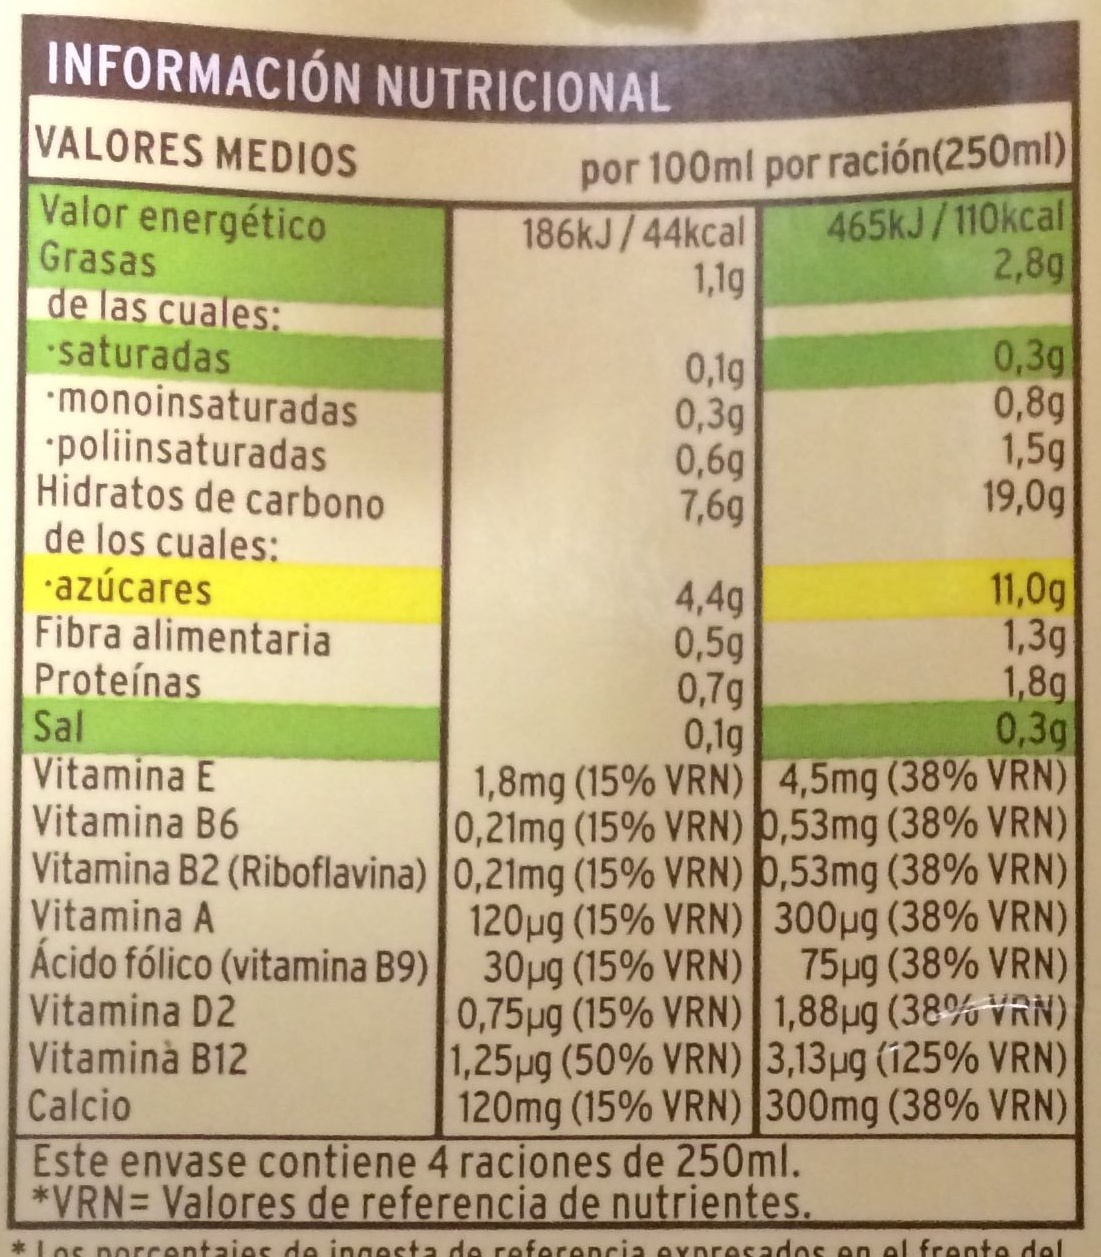 Bebida de avena con calcio - Información nutricional - es